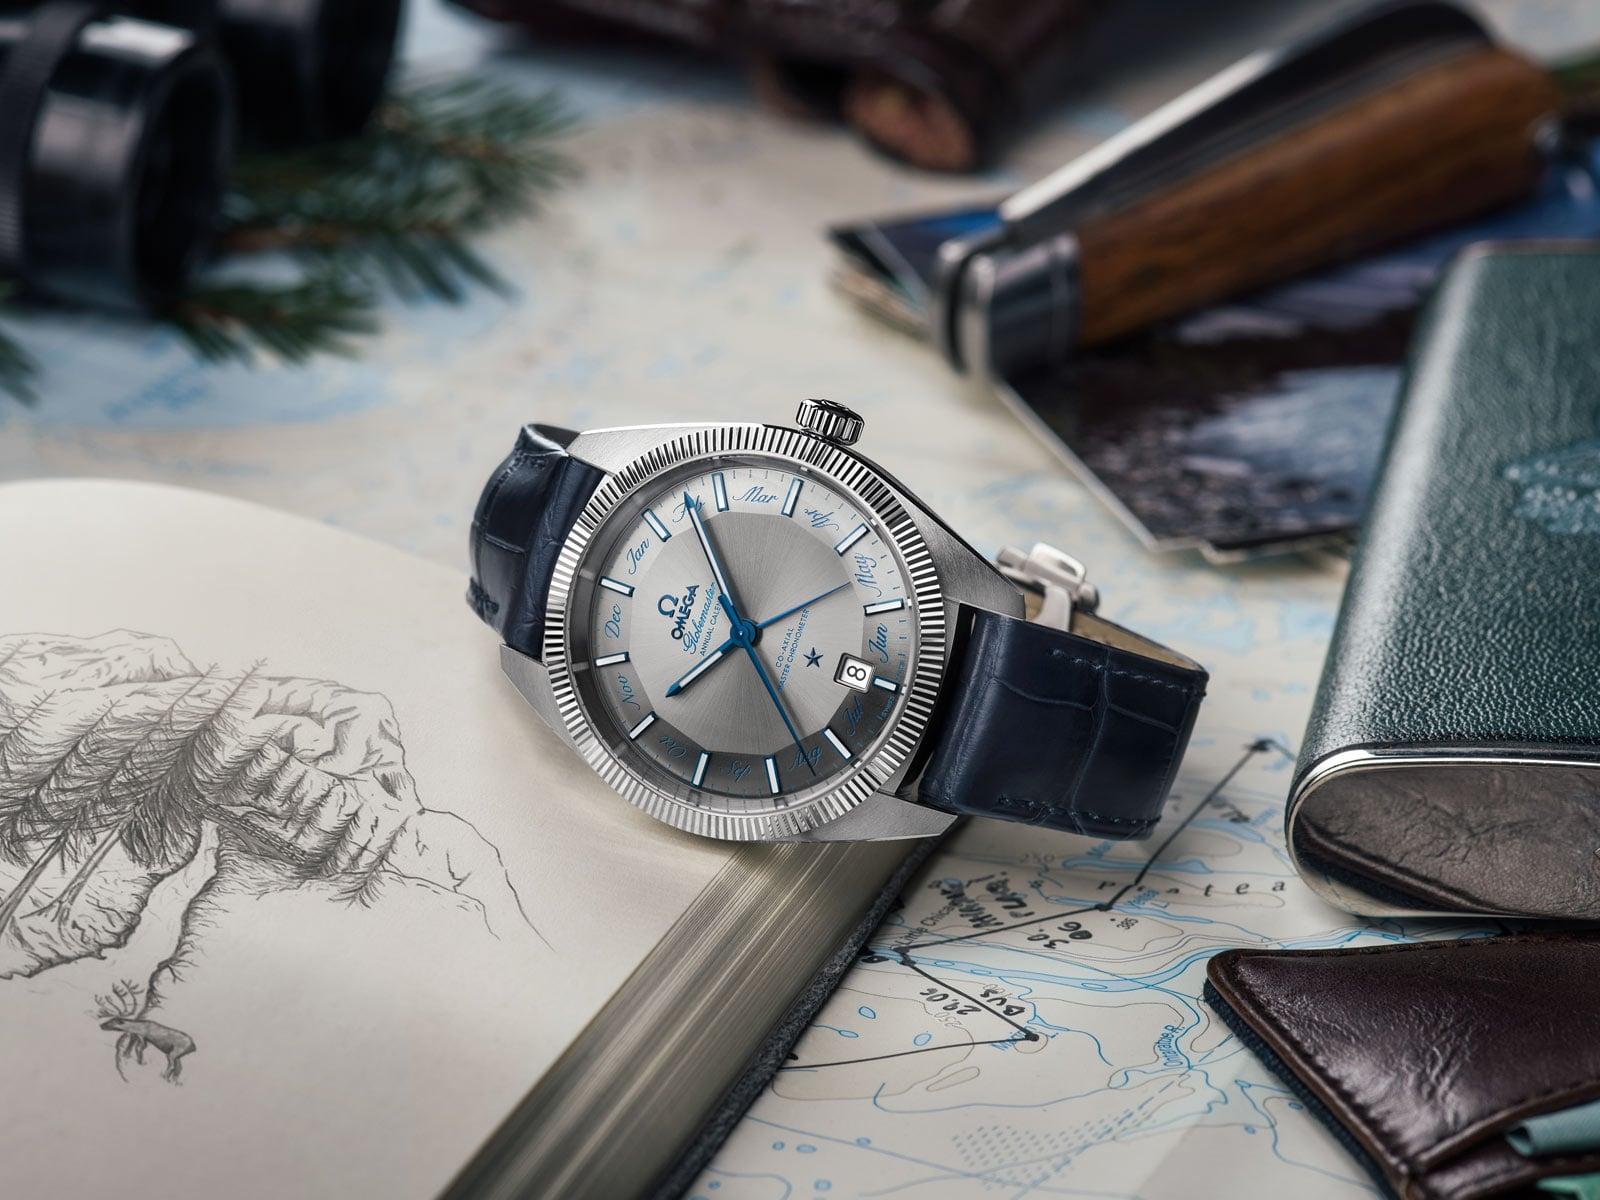 拜登总统的欧米茄手表